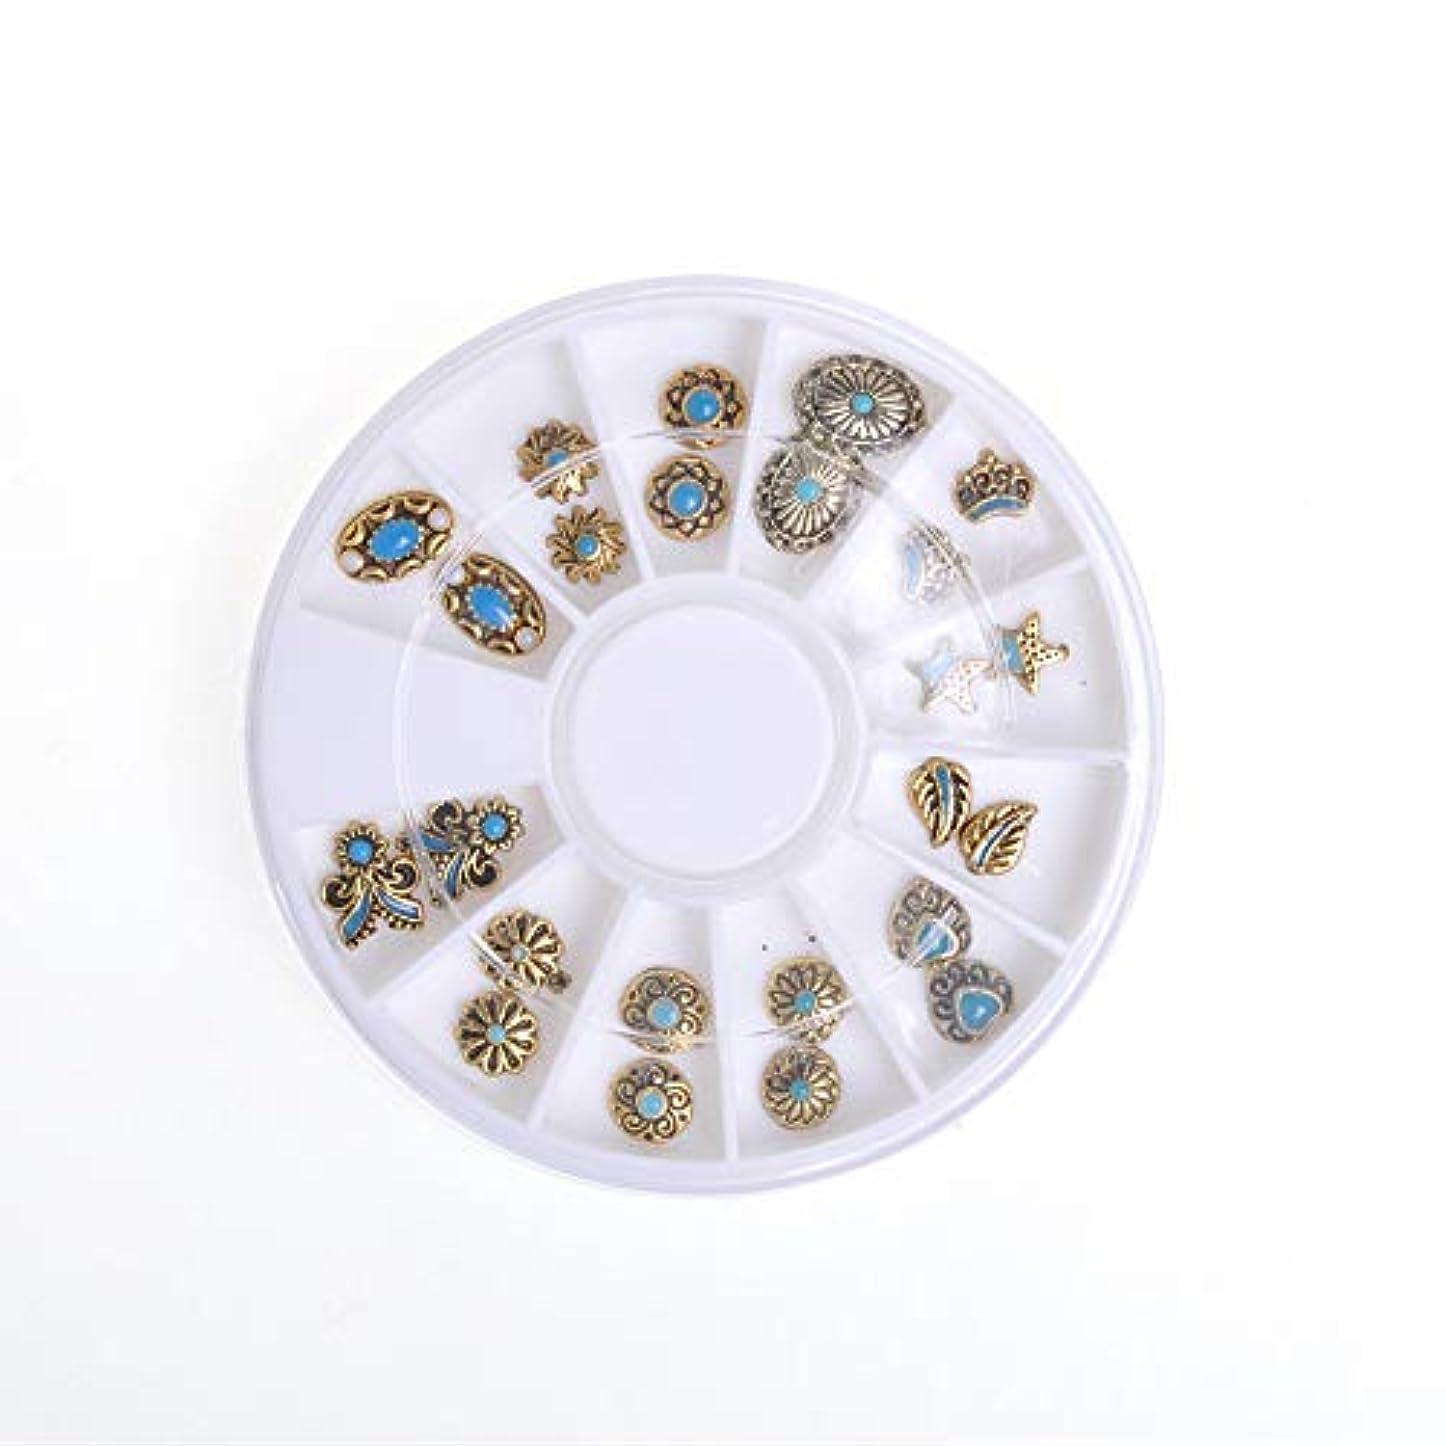 ネスト材料もしネイルパーツ メタルスタッズ ネイル用品 選べる12種類24個入りコンチョ ターコイズ コンチョ パーツ ストーン ゴールドターコイズ風 ケース付き